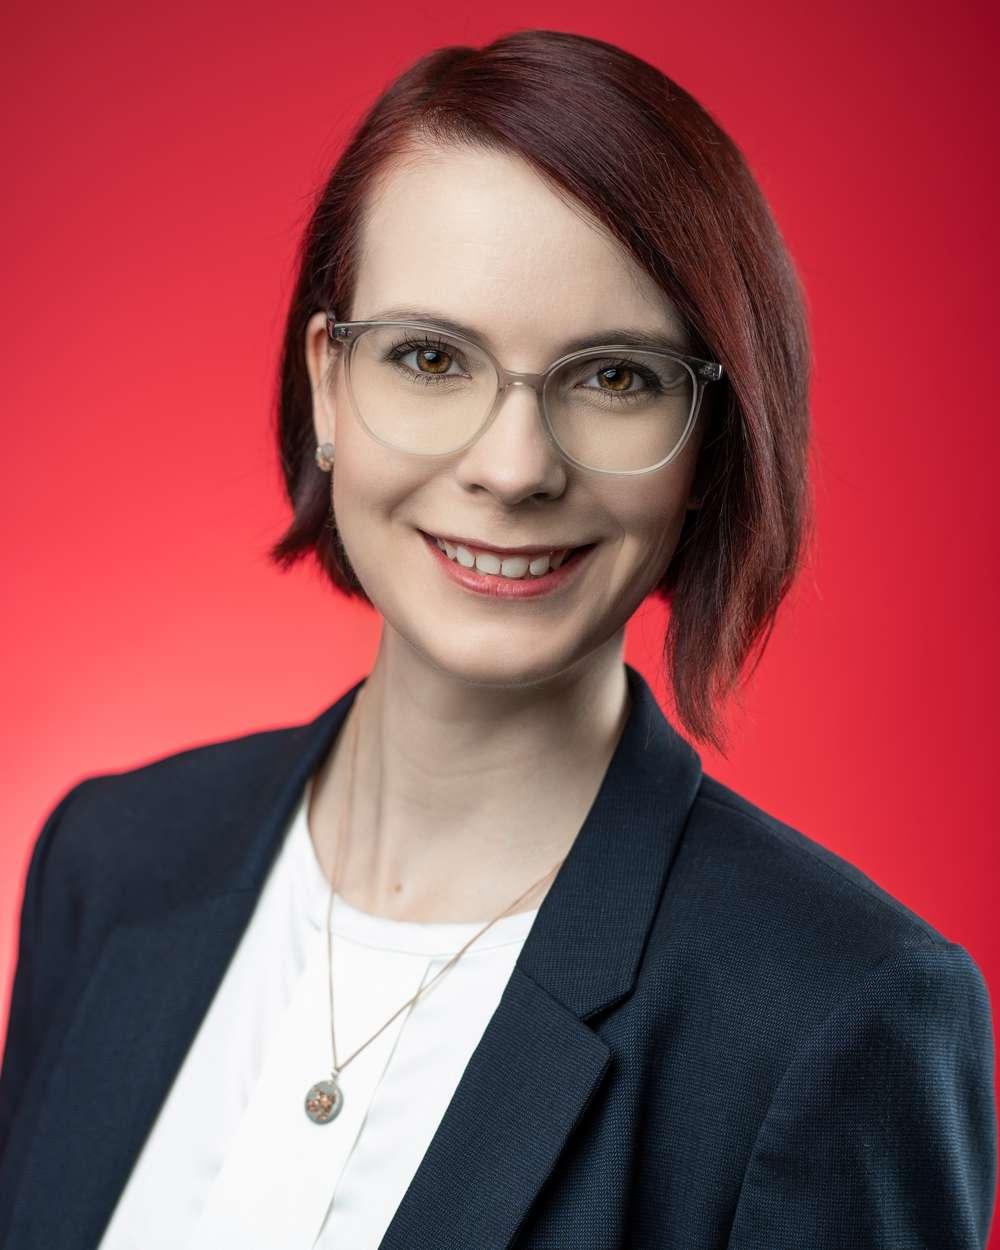 Annkathrin Wulff